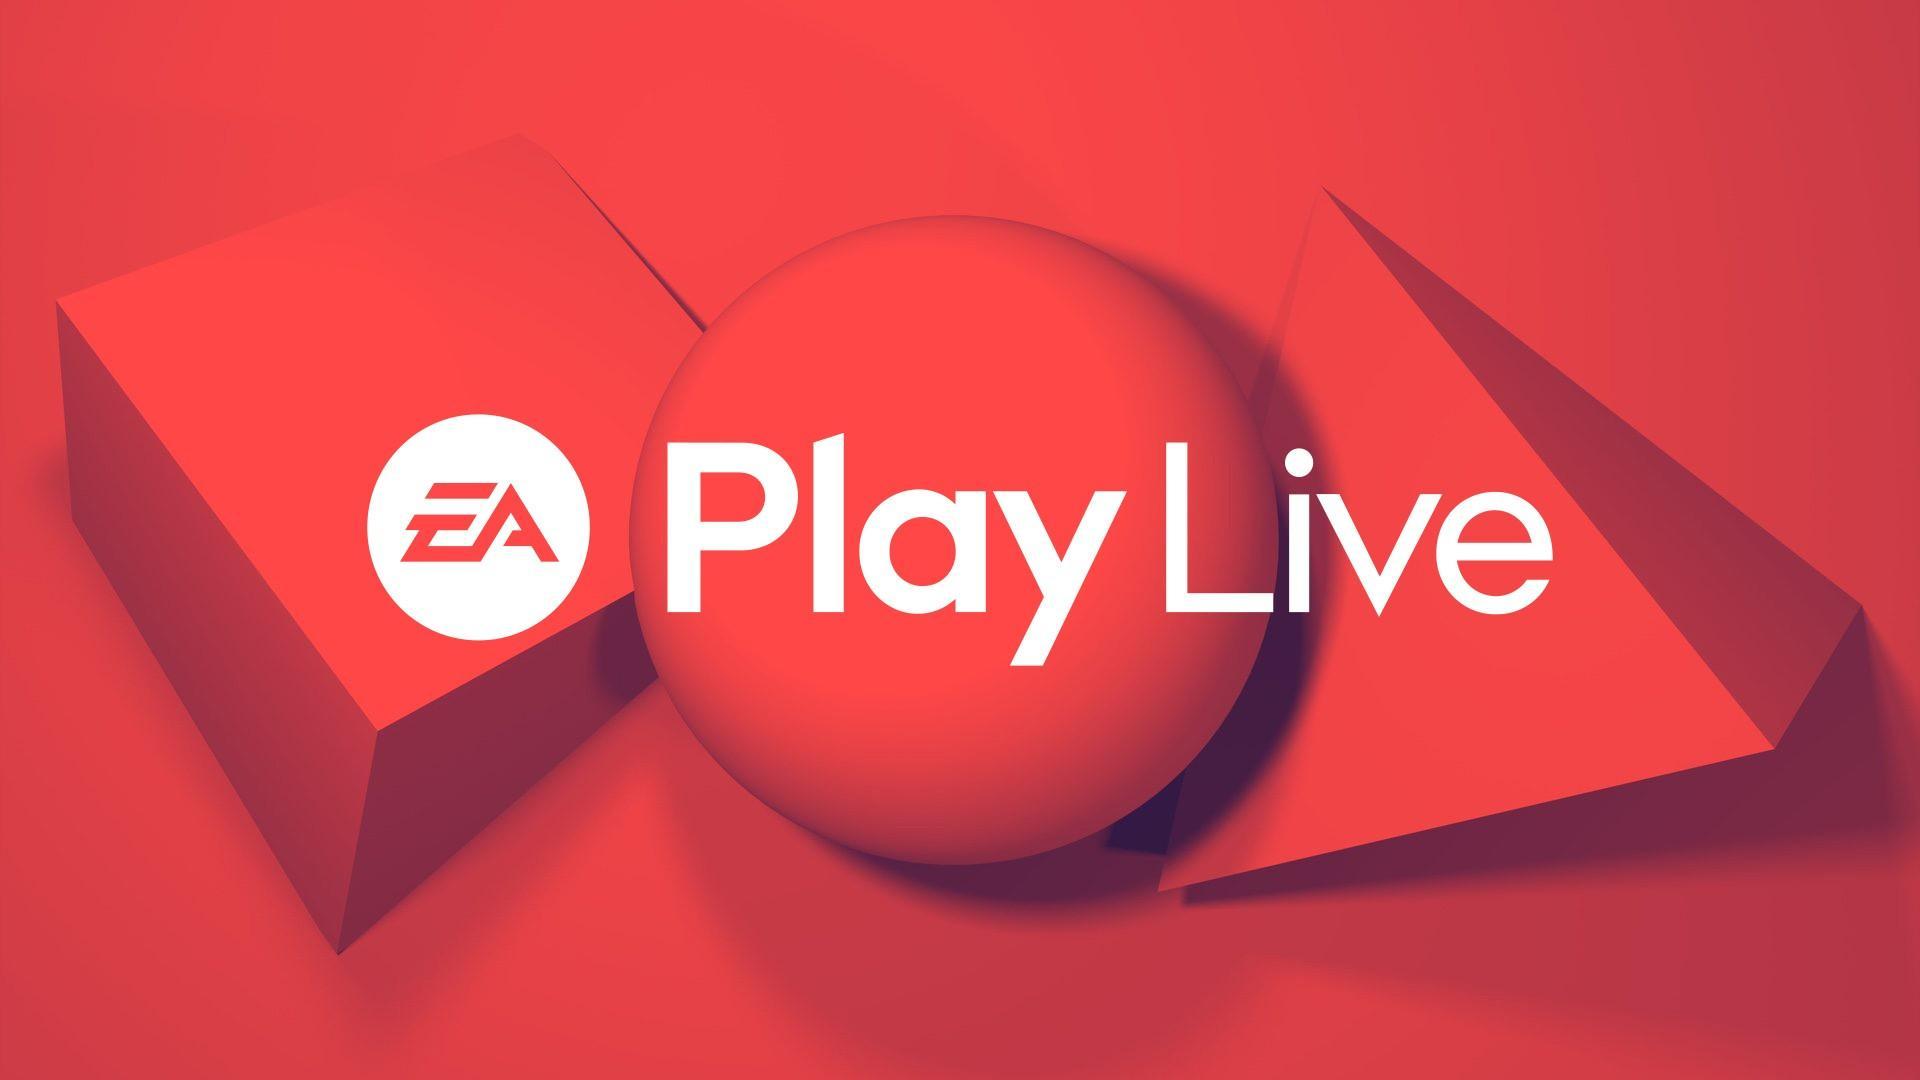 Презентация EA Play Live состоится через месяц после E3 2